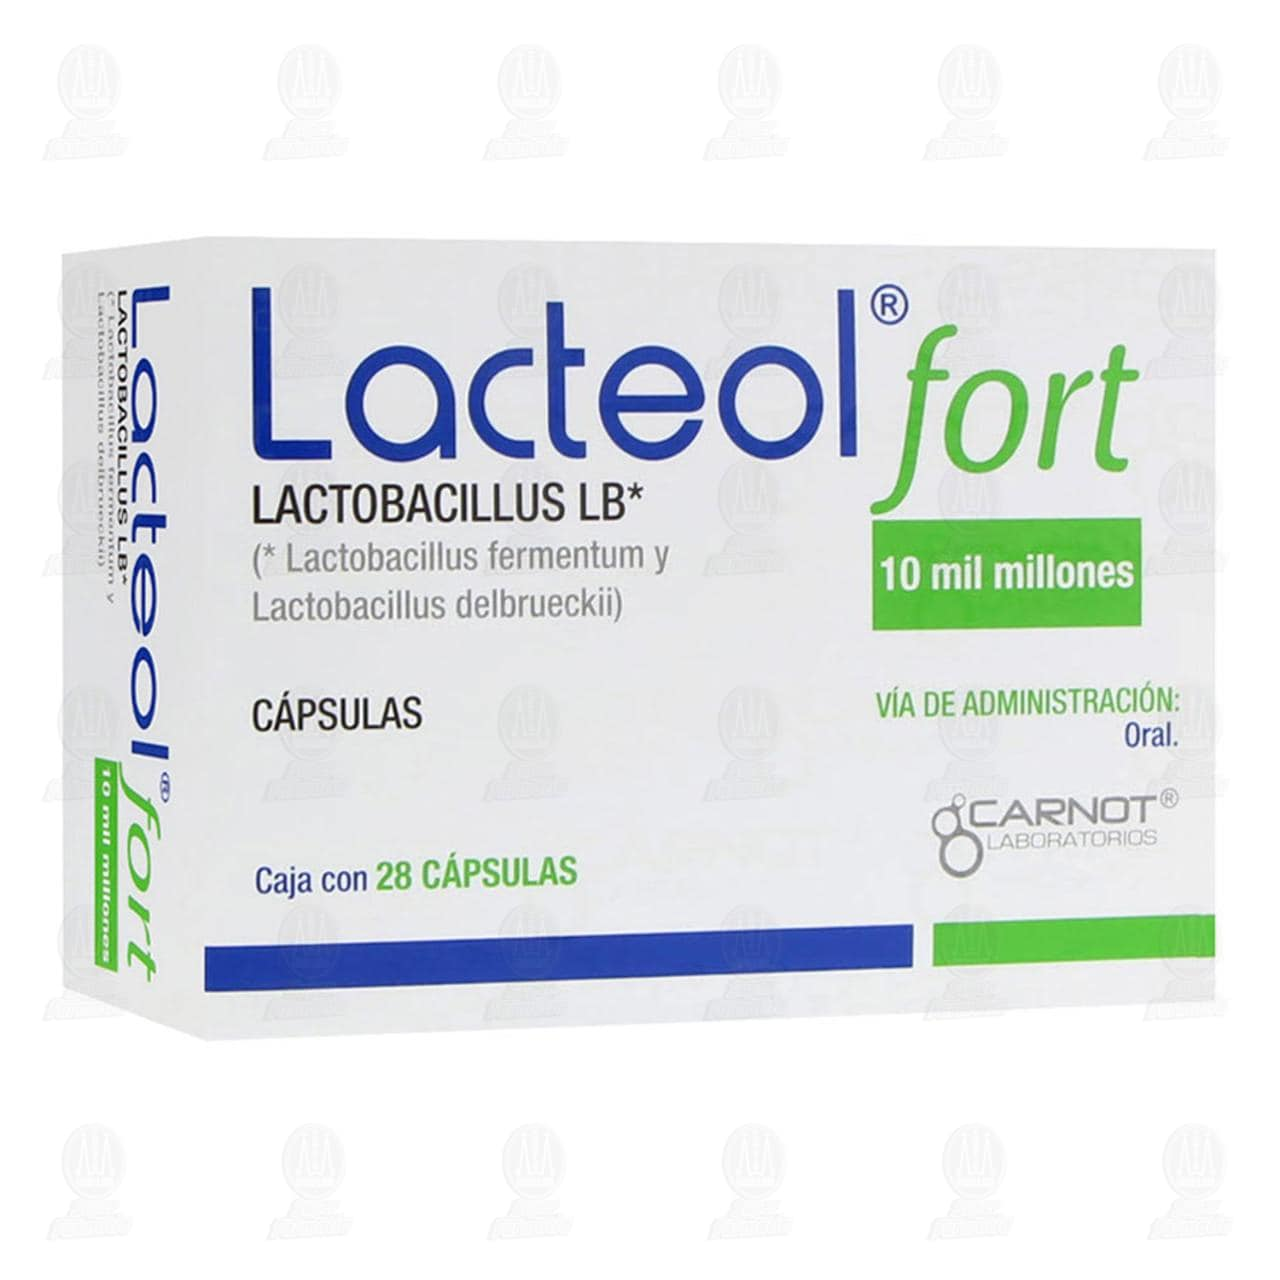 comprar https://www.movil.farmaciasguadalajara.com/wcsstore/FGCAS/wcs/products/1305115_A_1280_AL.jpg en farmacias guadalajara